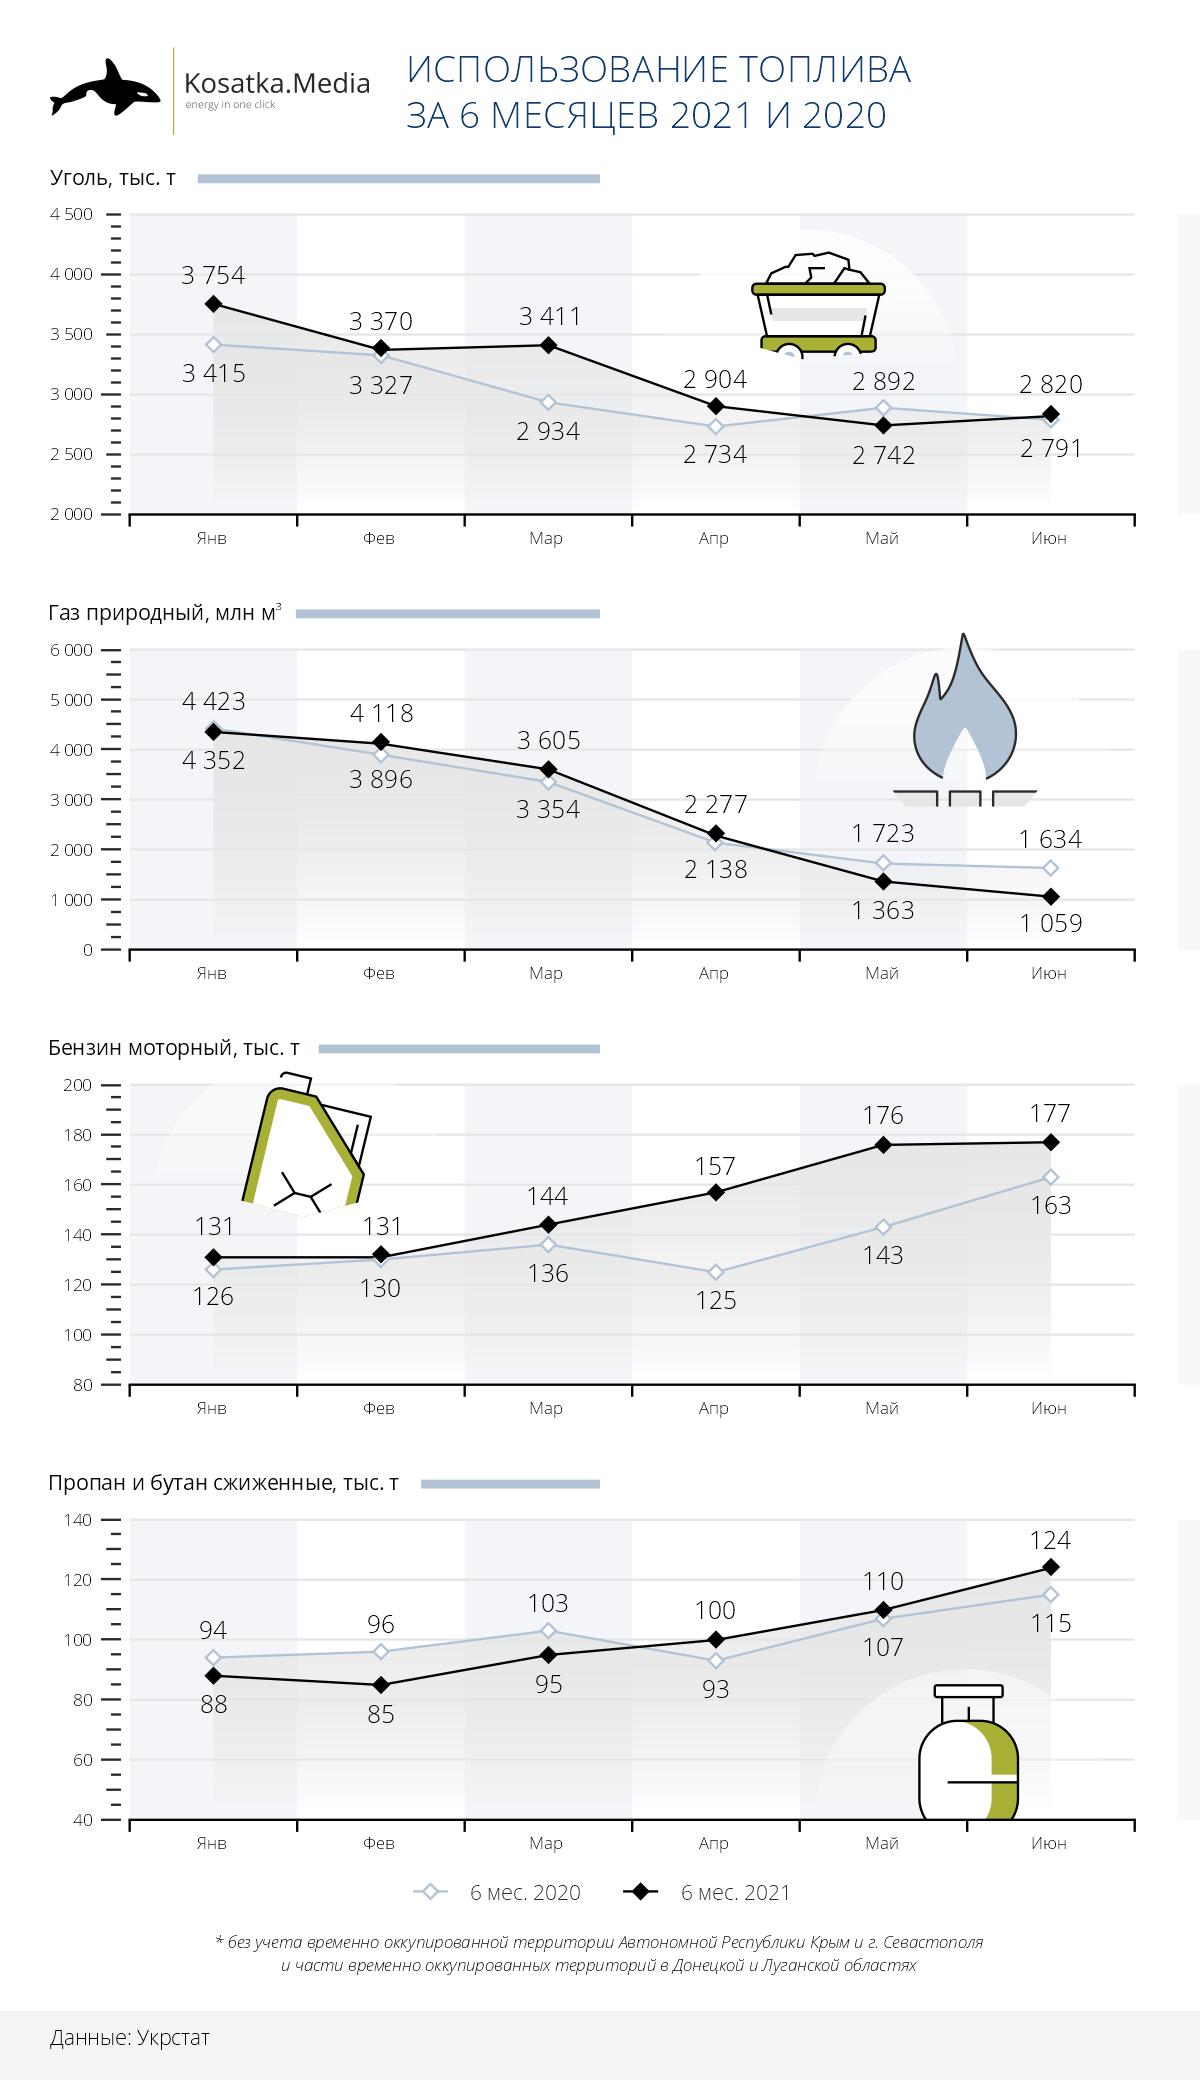 Украина стала использовать больше бензина и сжиженного газа